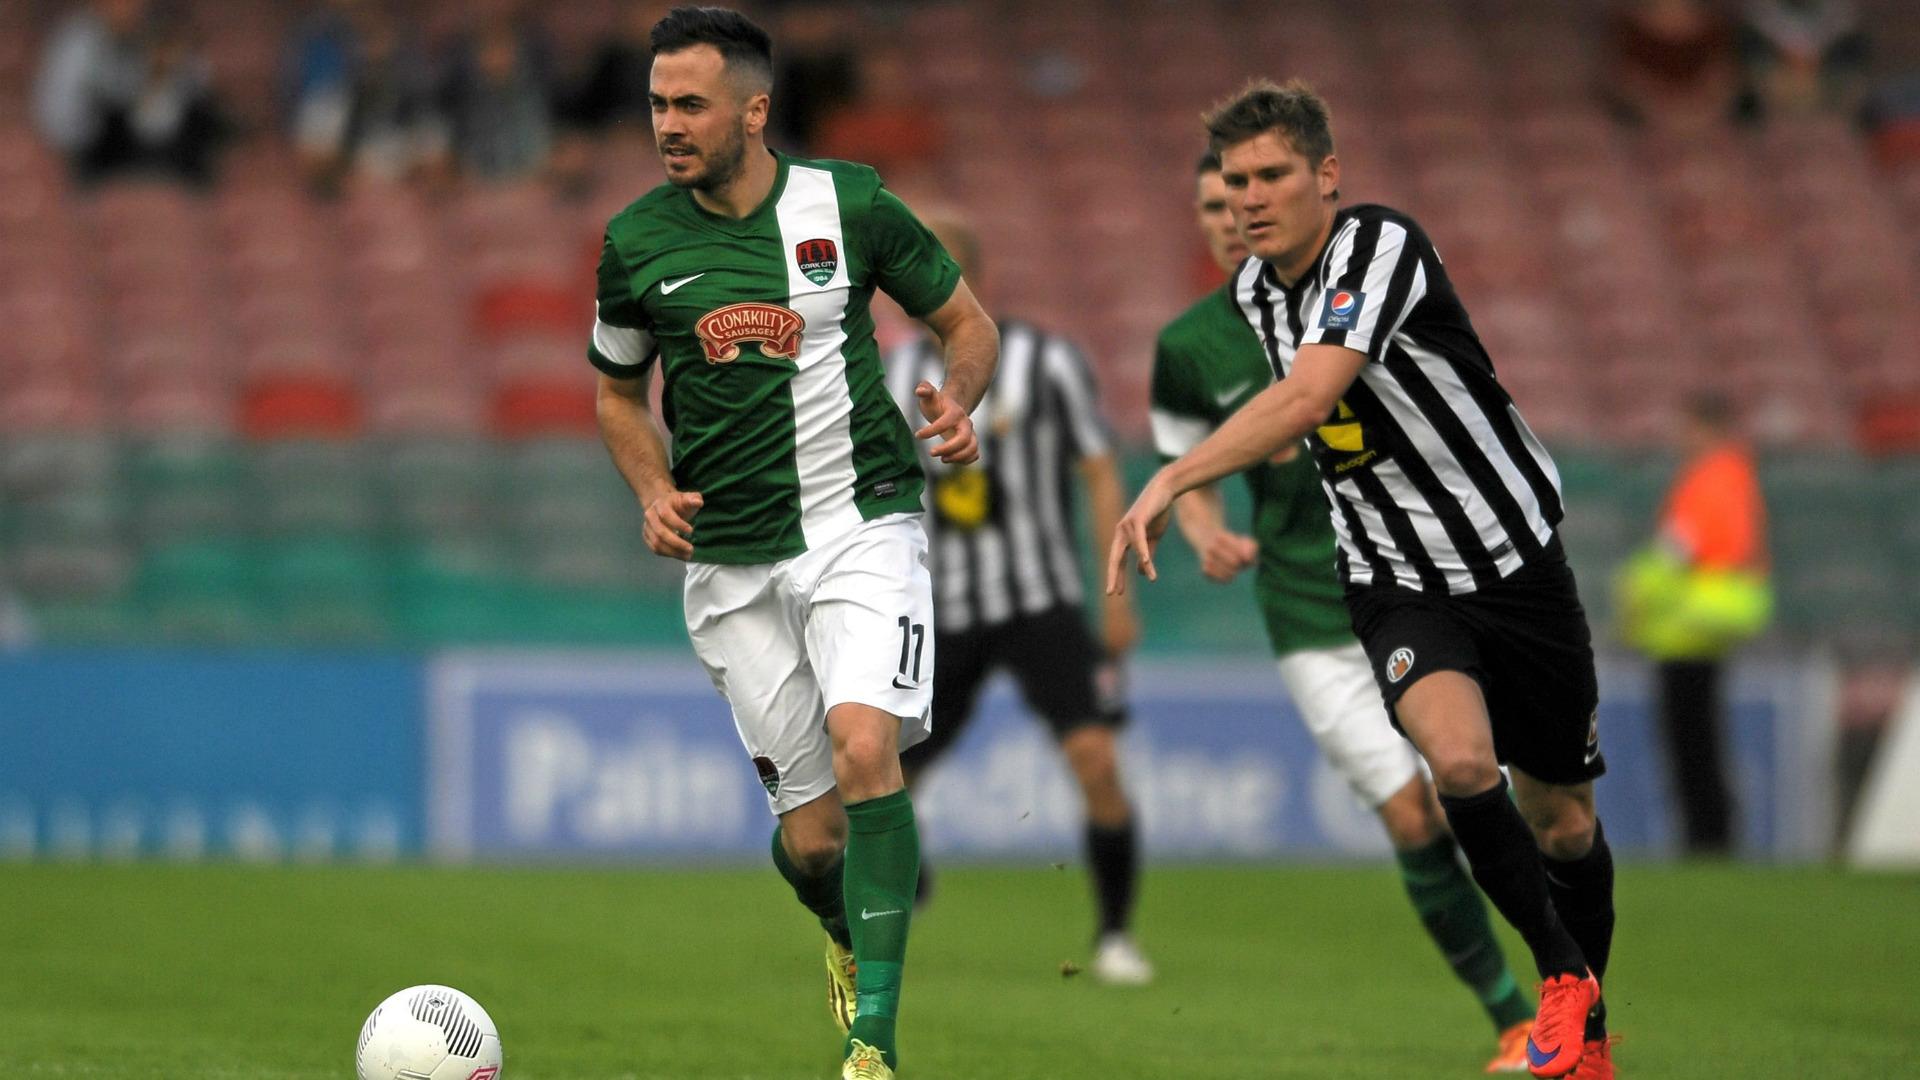 Cork City 1-1 KR: Leesiders' European return ends in stalemate